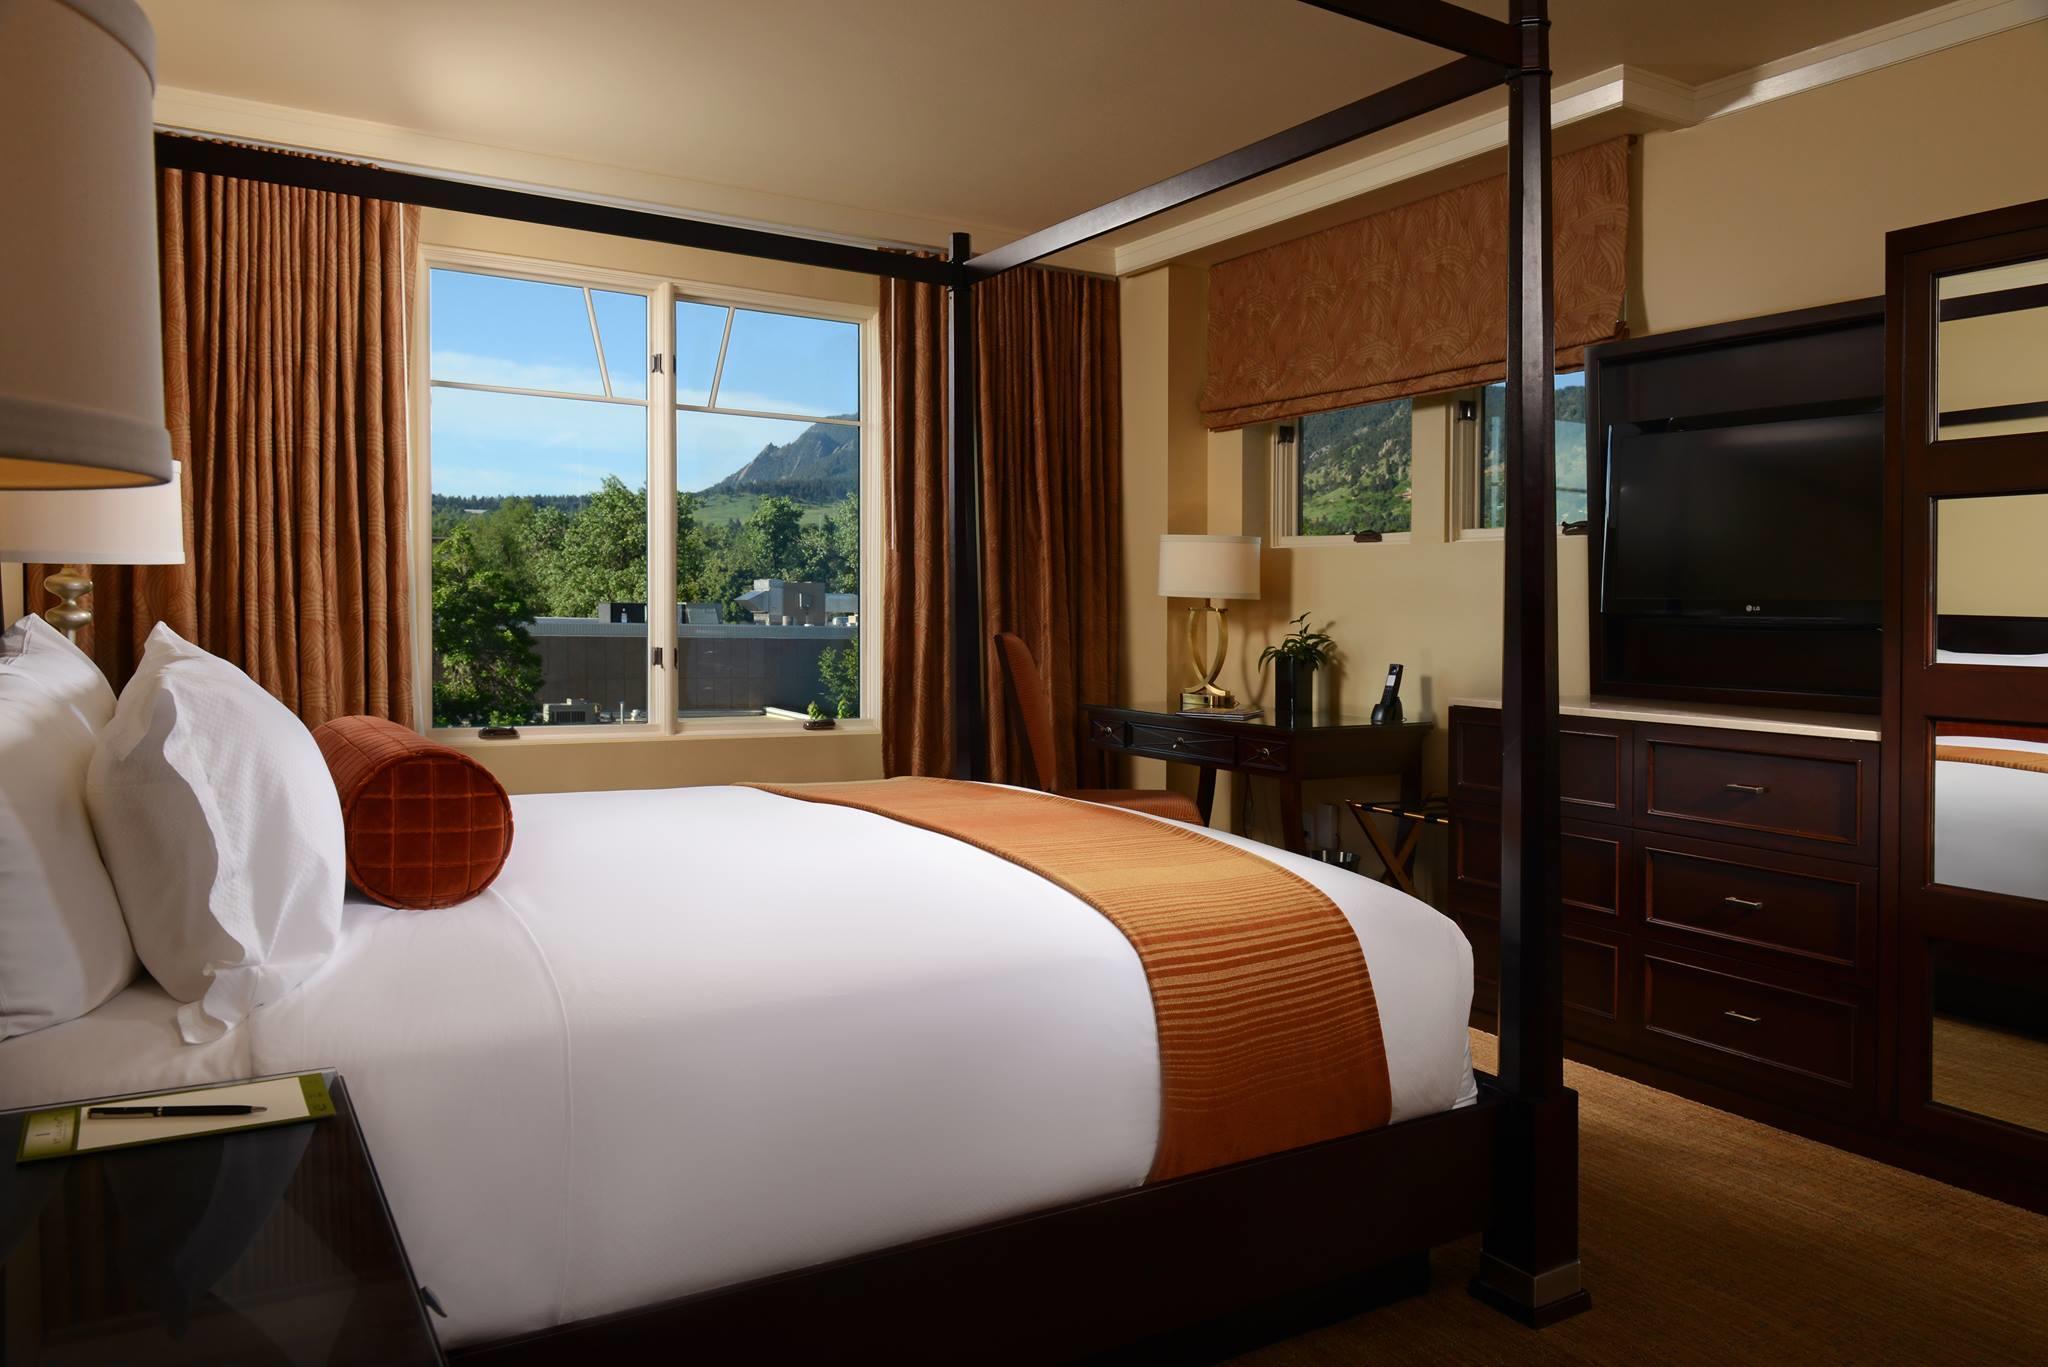 St. Julien Hotel & Spa - Rooms